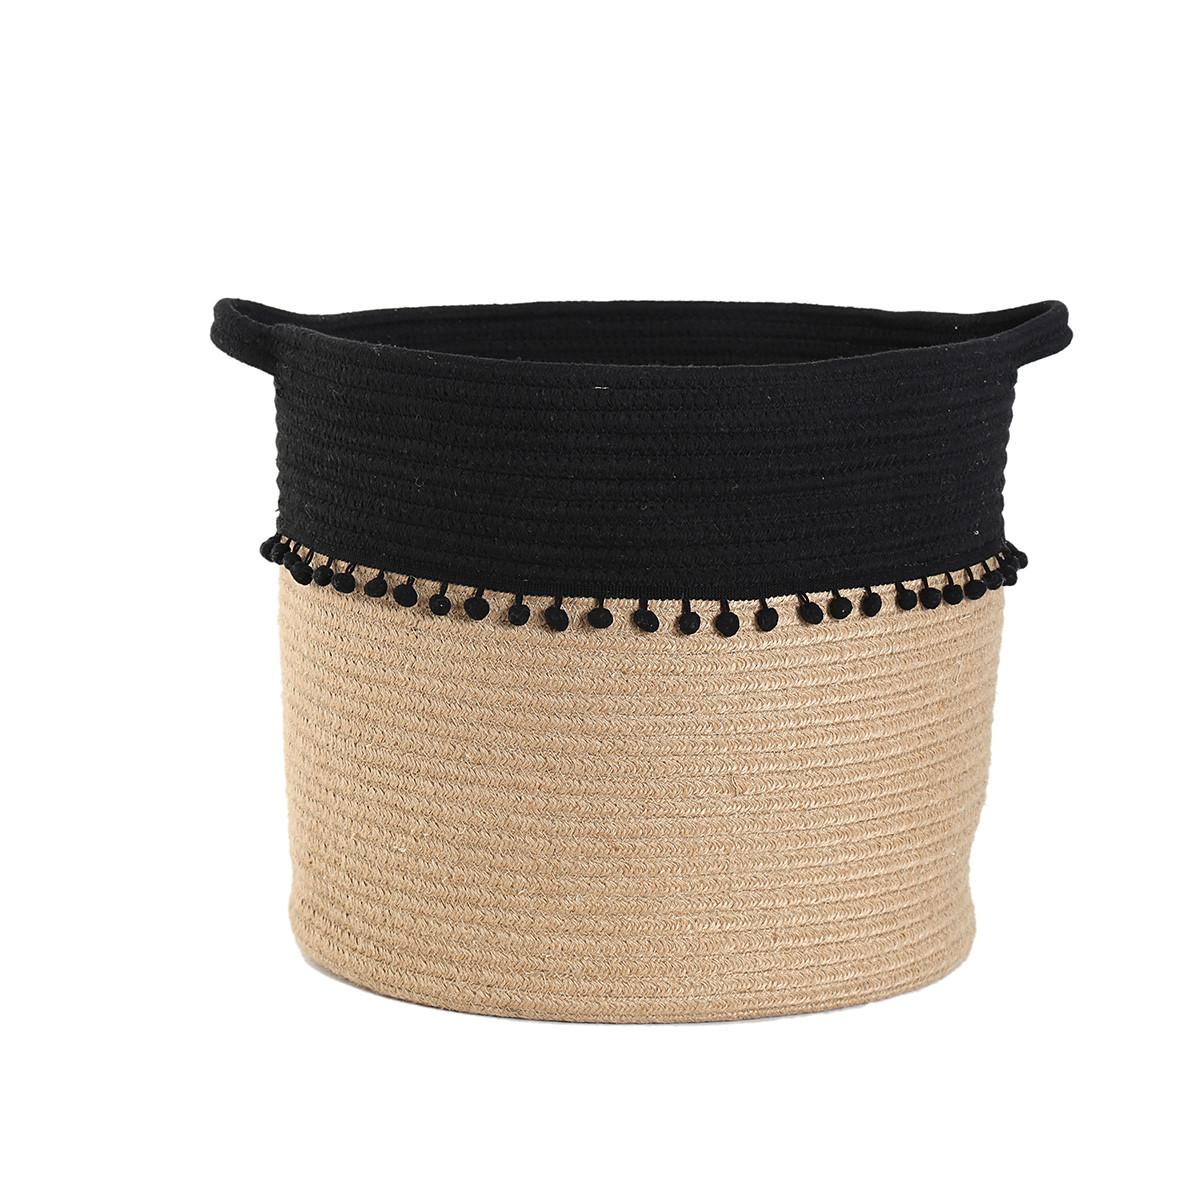 Καλάθι Αποθήκευσης (37x35) Nef-Nef Soho Black home   διακόσμηση   κουτιά αποθήκευσης   καλάθια